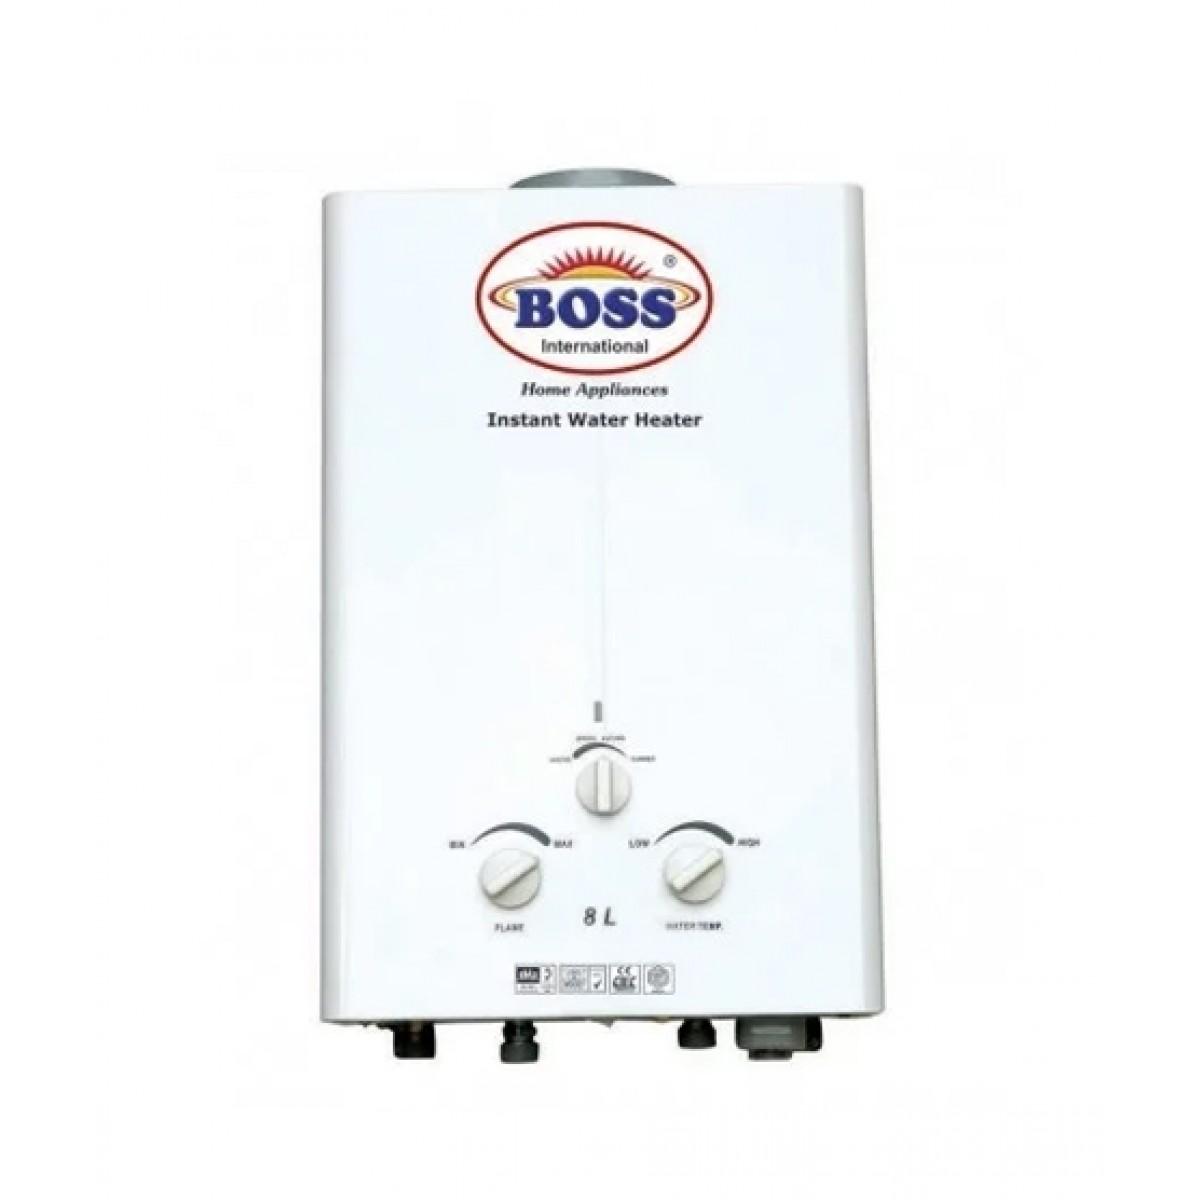 Boss Gas Instant Water Heater Price In Pakistan Buy Boss